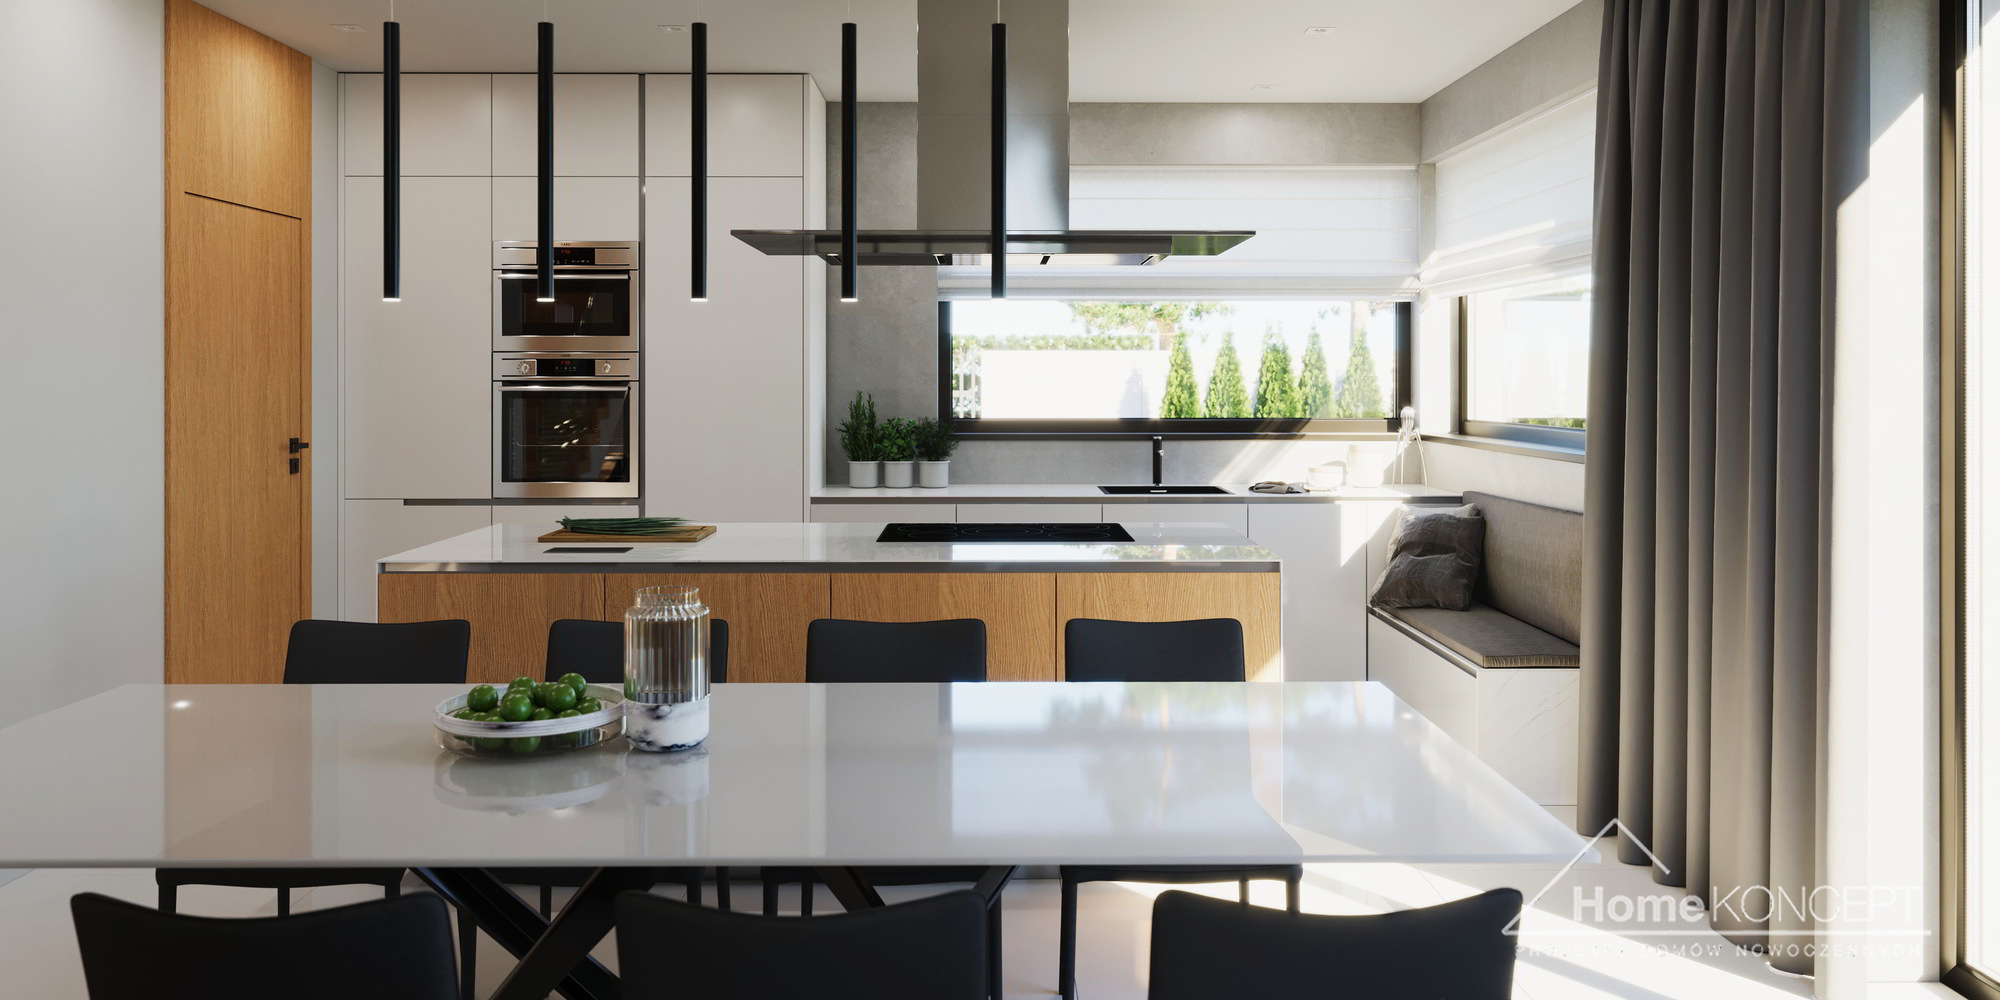 prestige house projekty nowoczesne wnetrza 2018 10